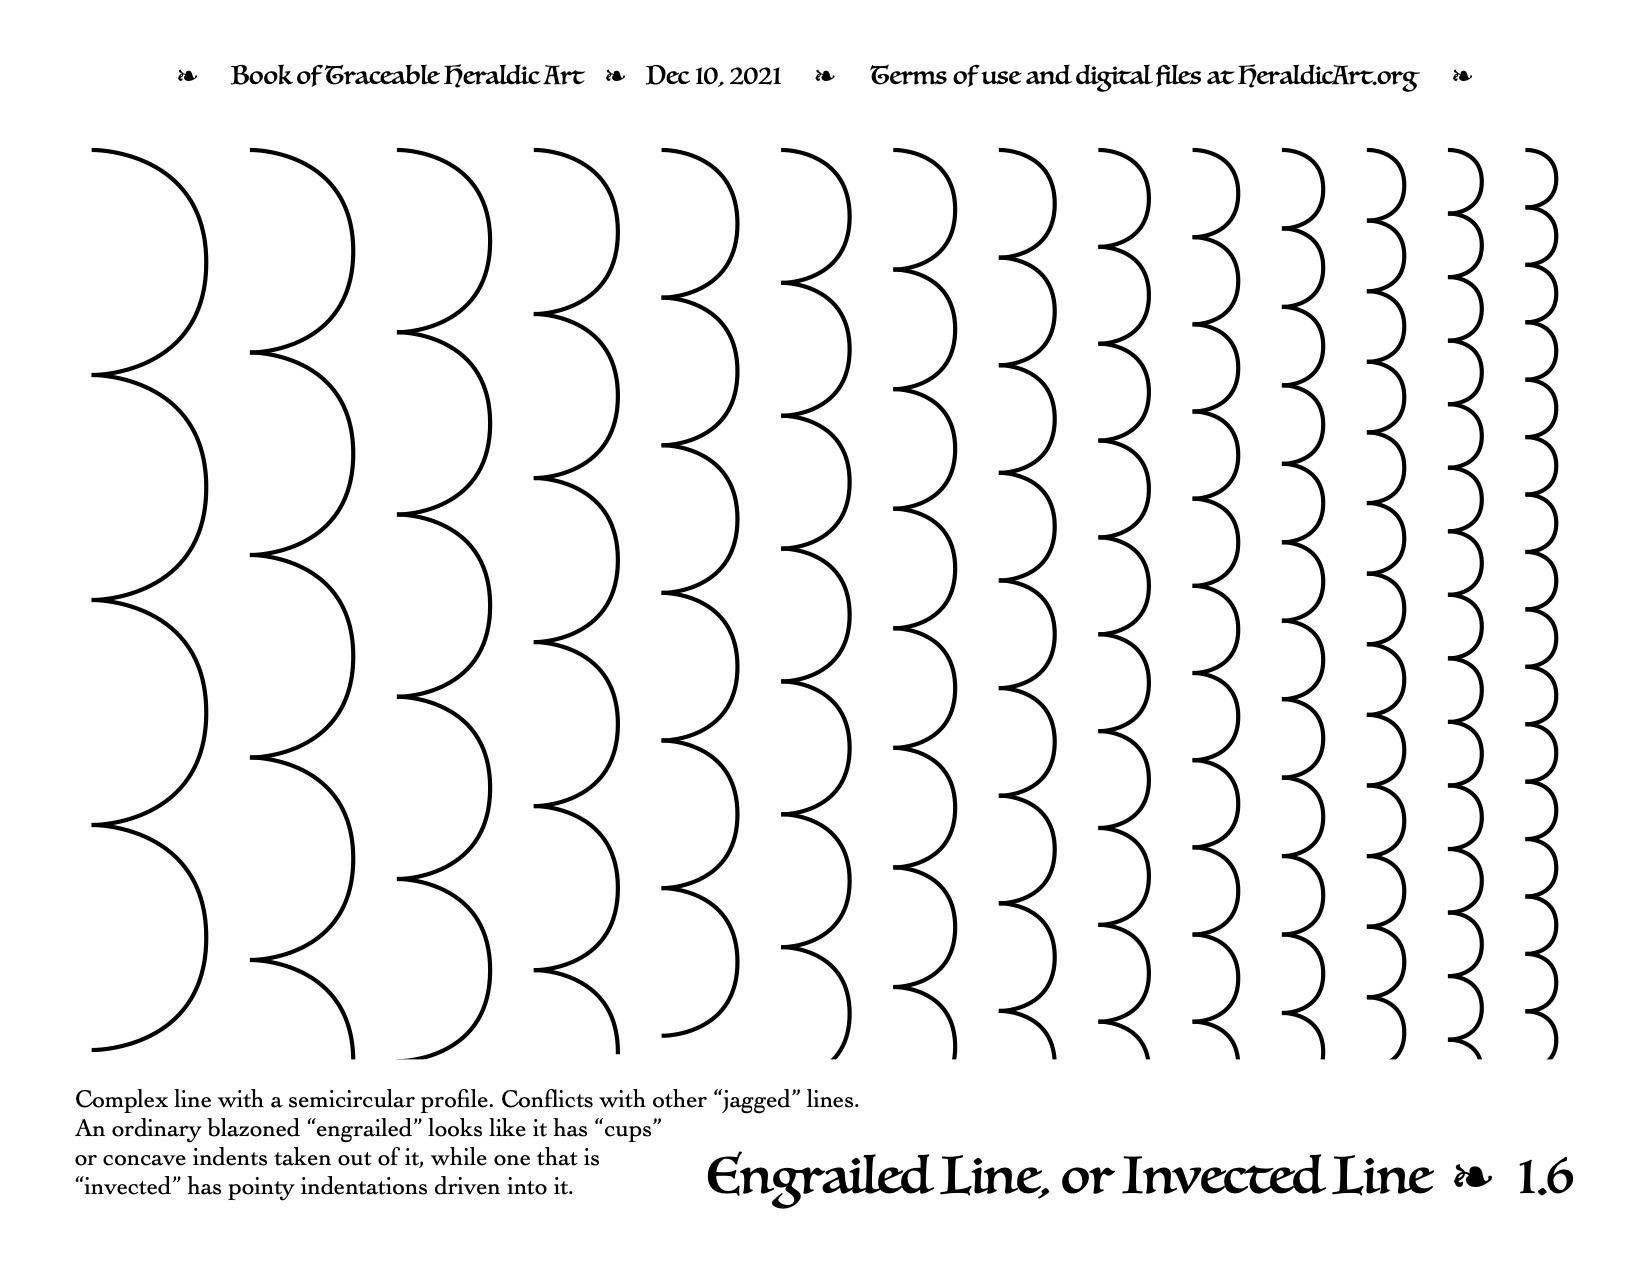 Combined Contents - Traceable Heraldic Art